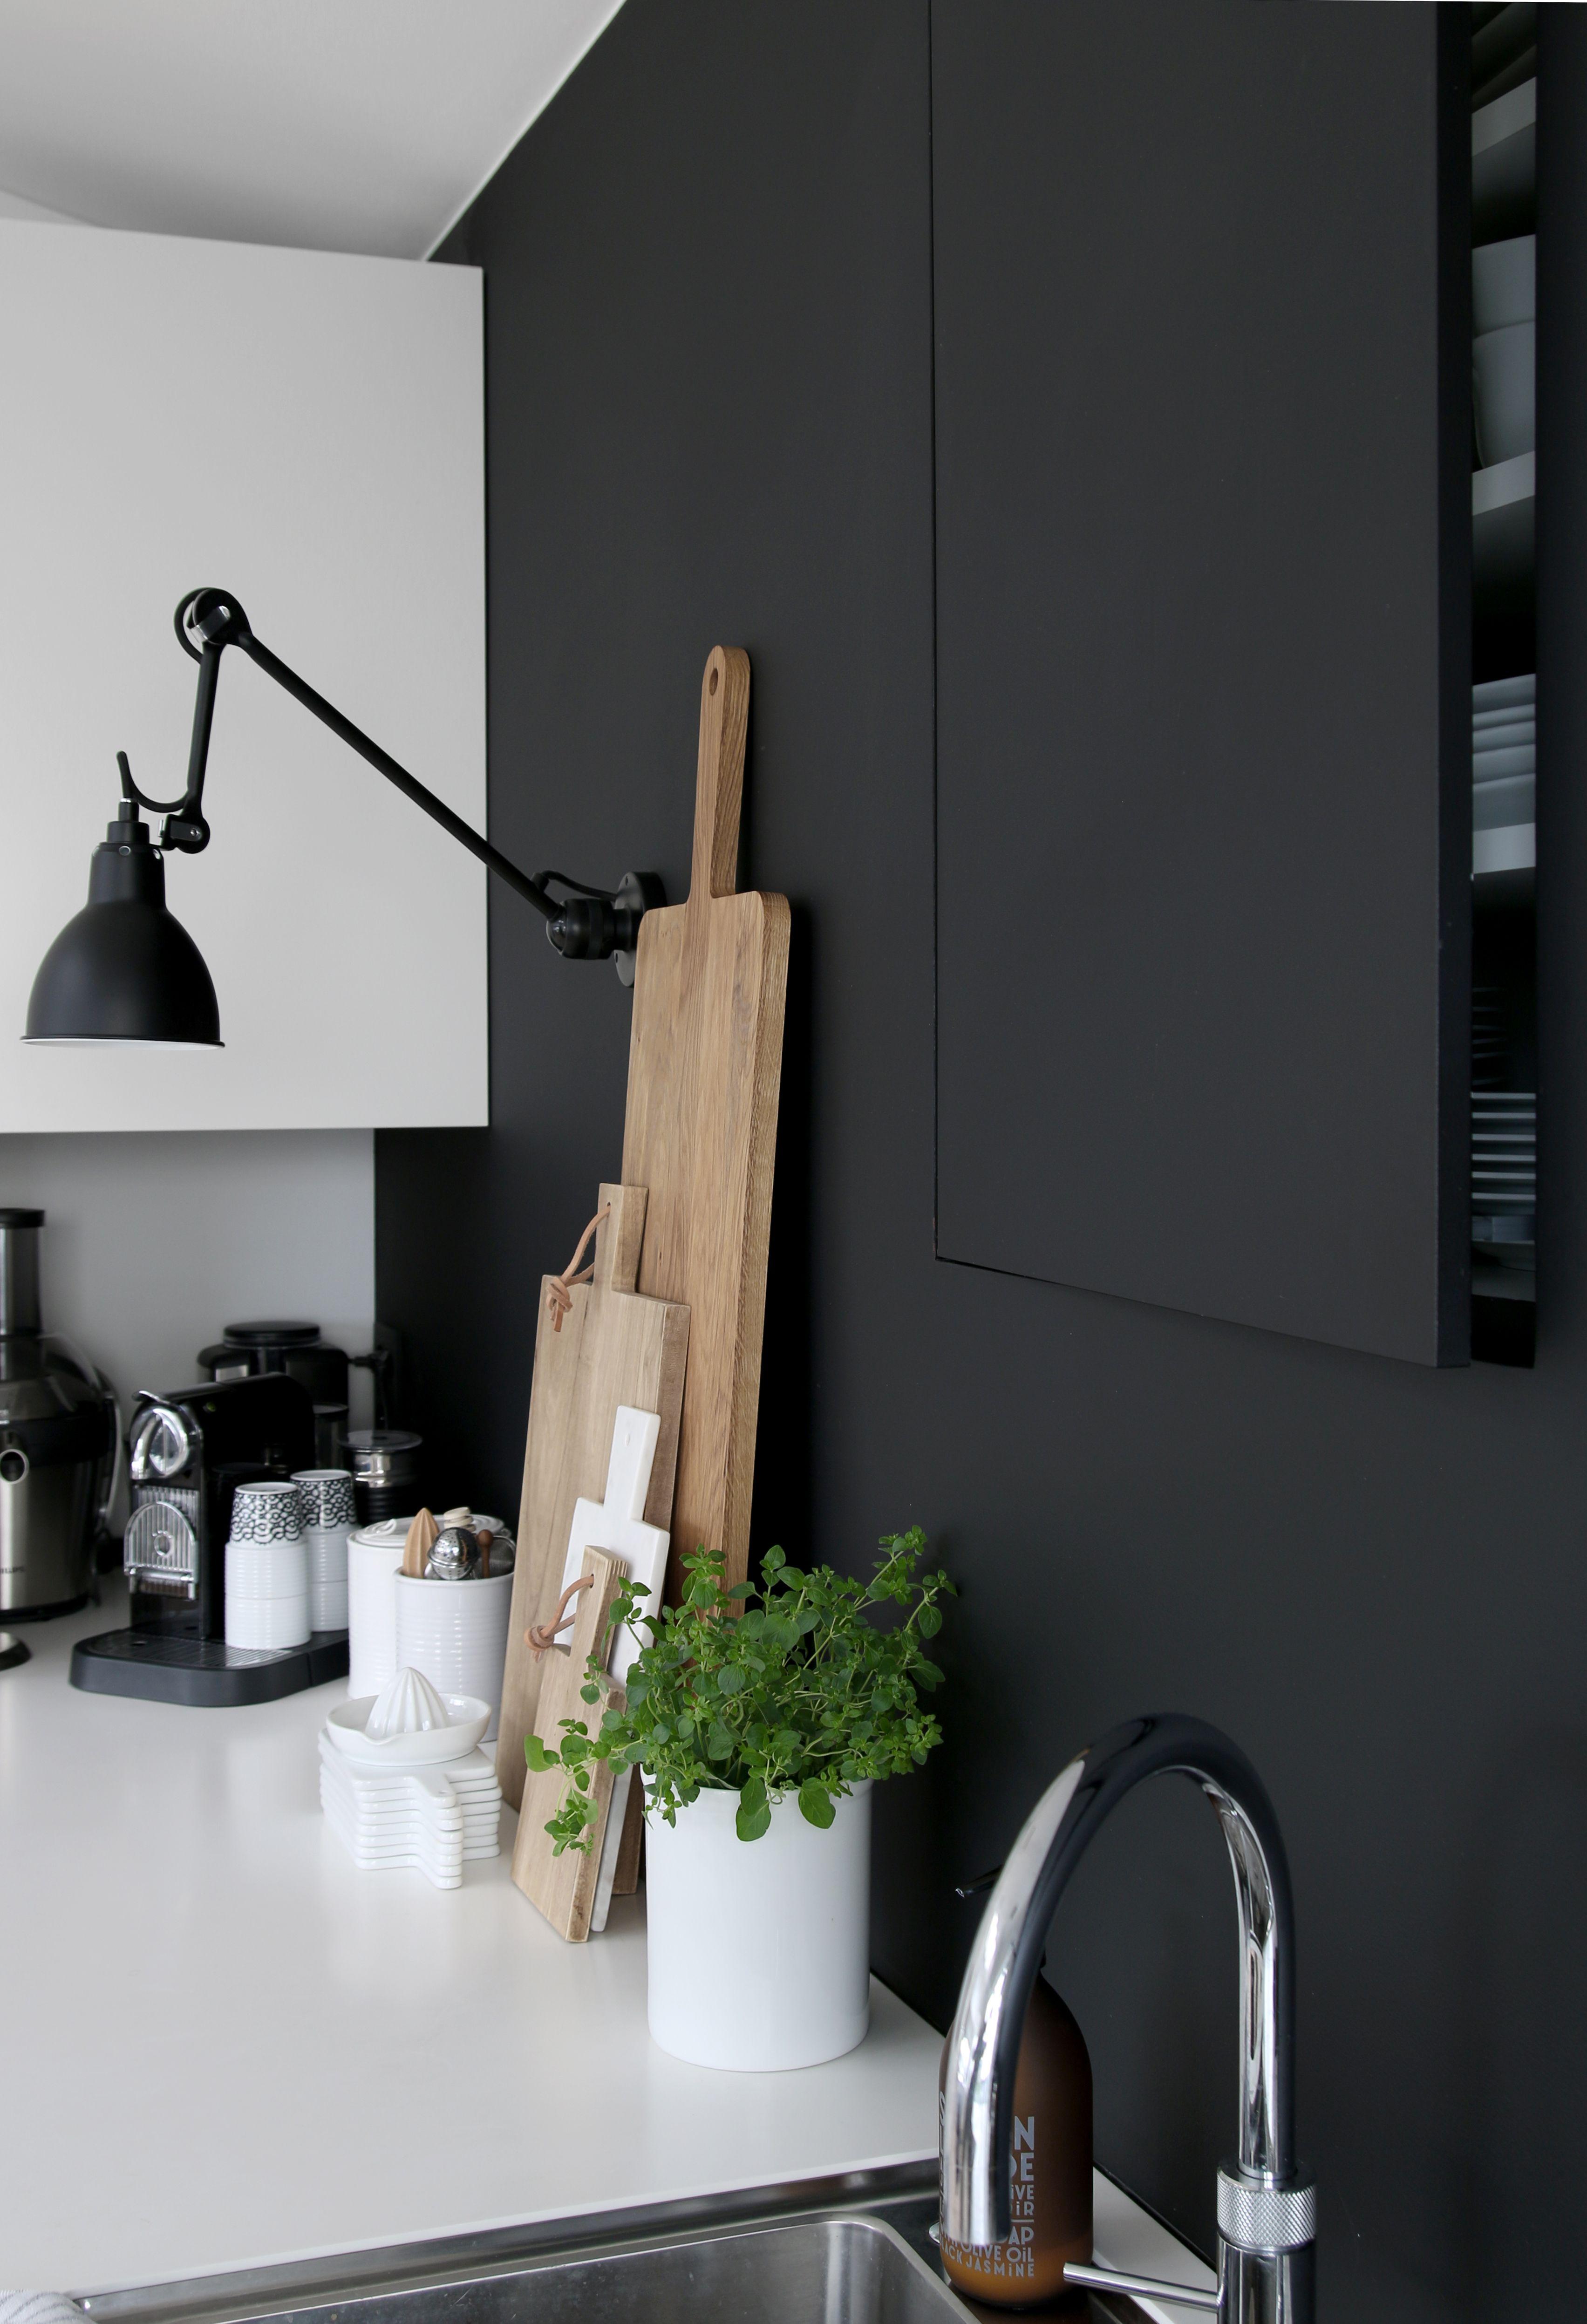 IMG_7588KJØKKEN | keuken | Pinterest | Küche, Wohnen und Küche ...